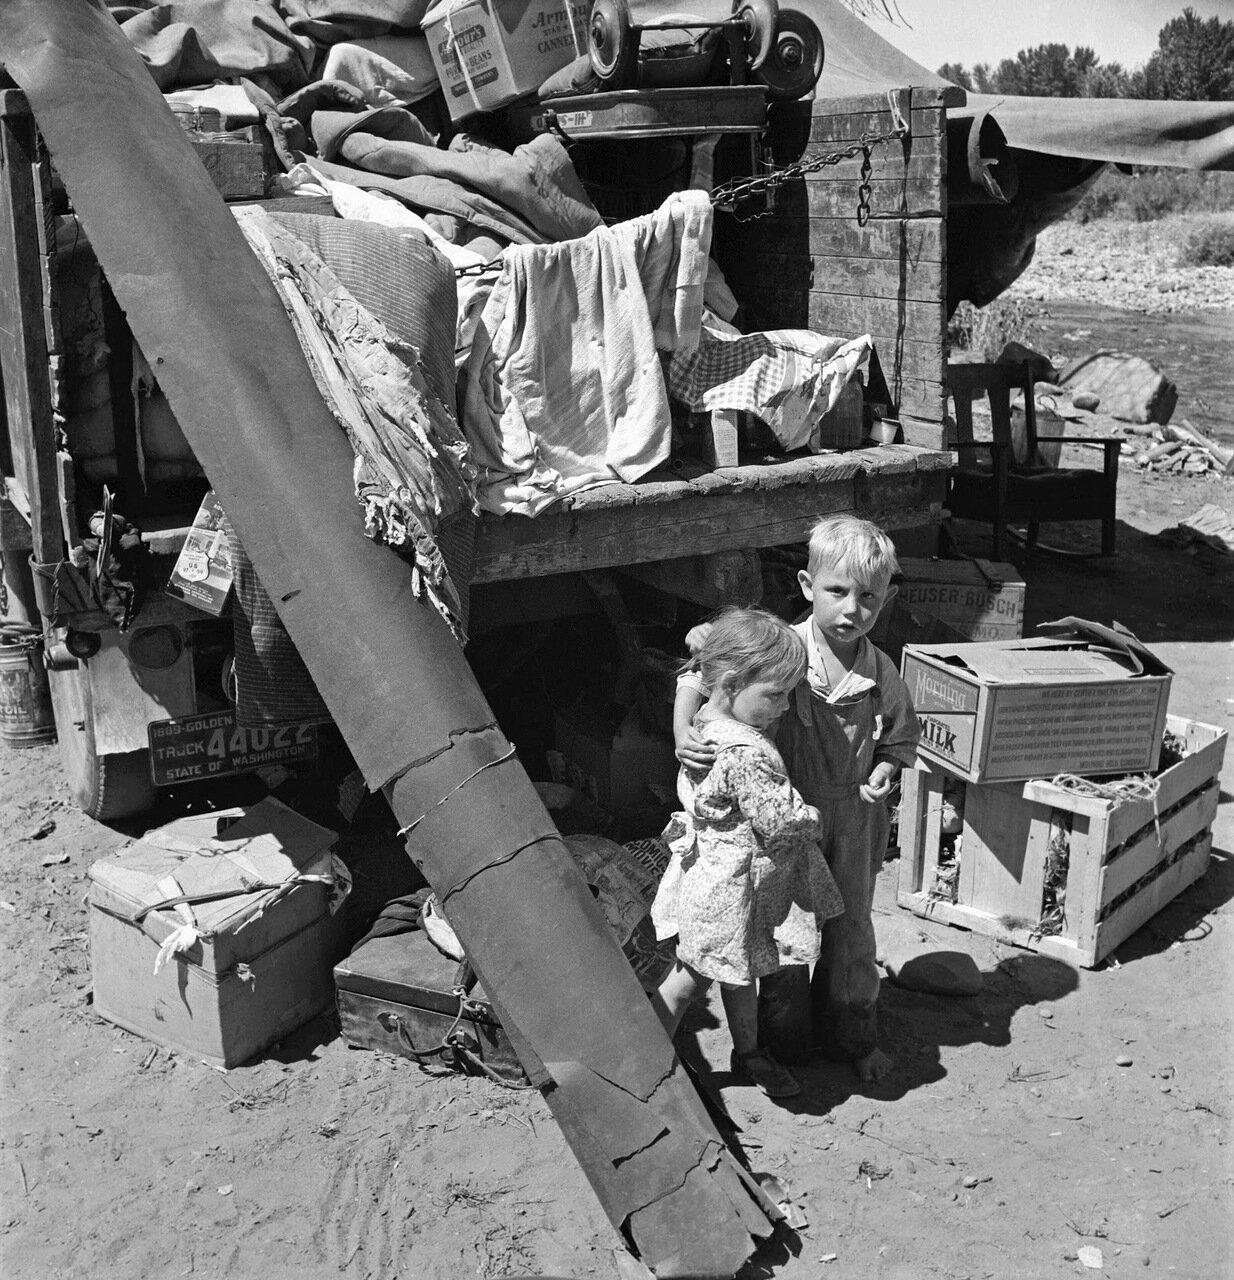 Дети сезонных рабочих в Рамблер Парк. Они в дороге уже три года, Якима, штат Вашингтон, 1939